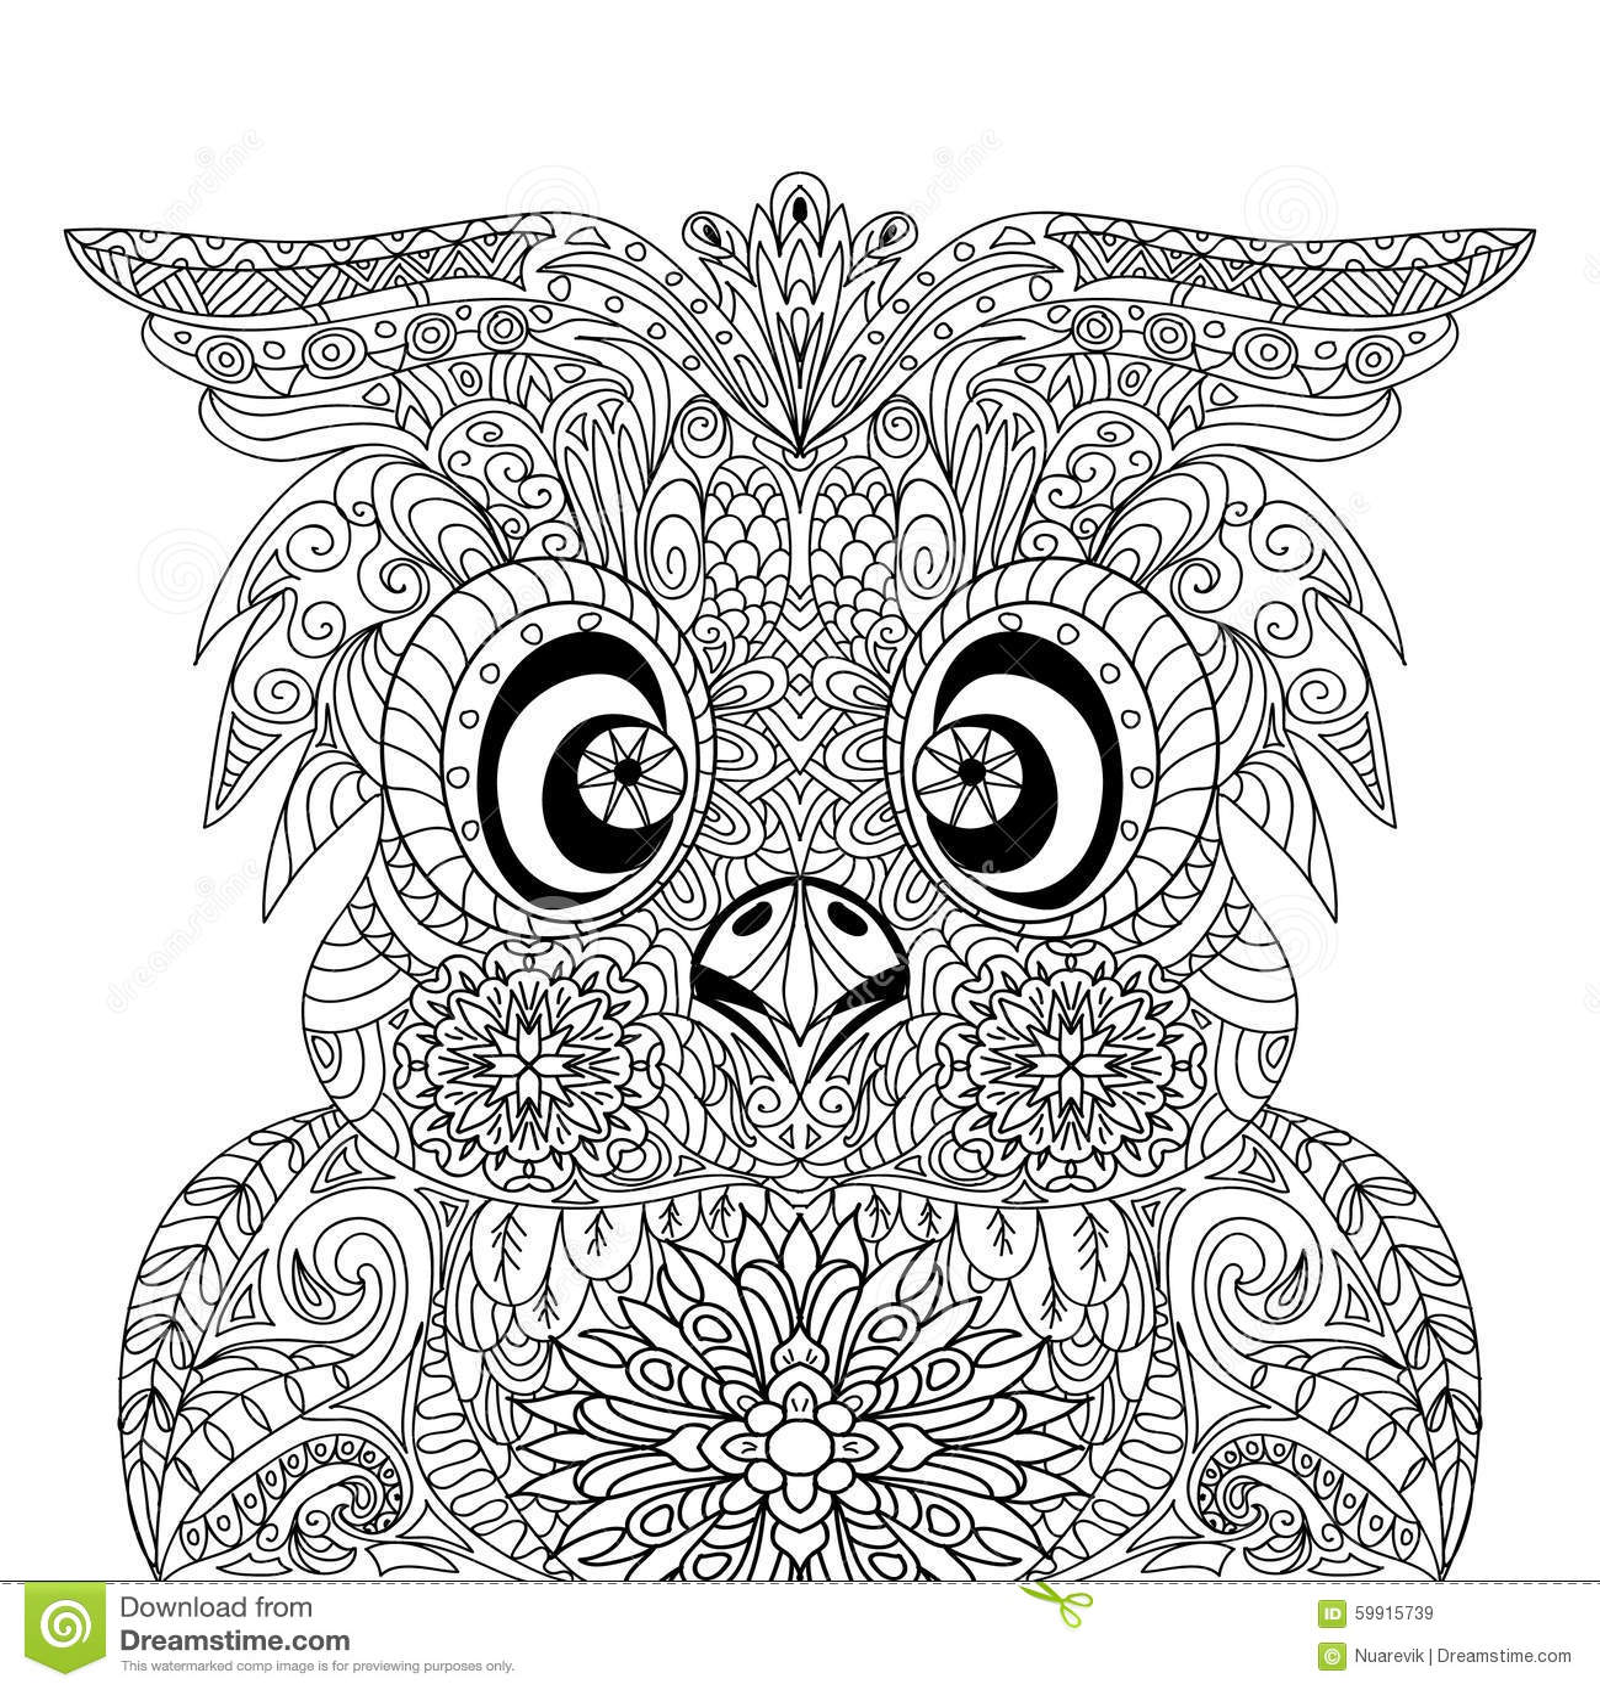 Kleurplaat Mandela Paarden Owl Portrait Mandala Zentangle Stock Abbildung